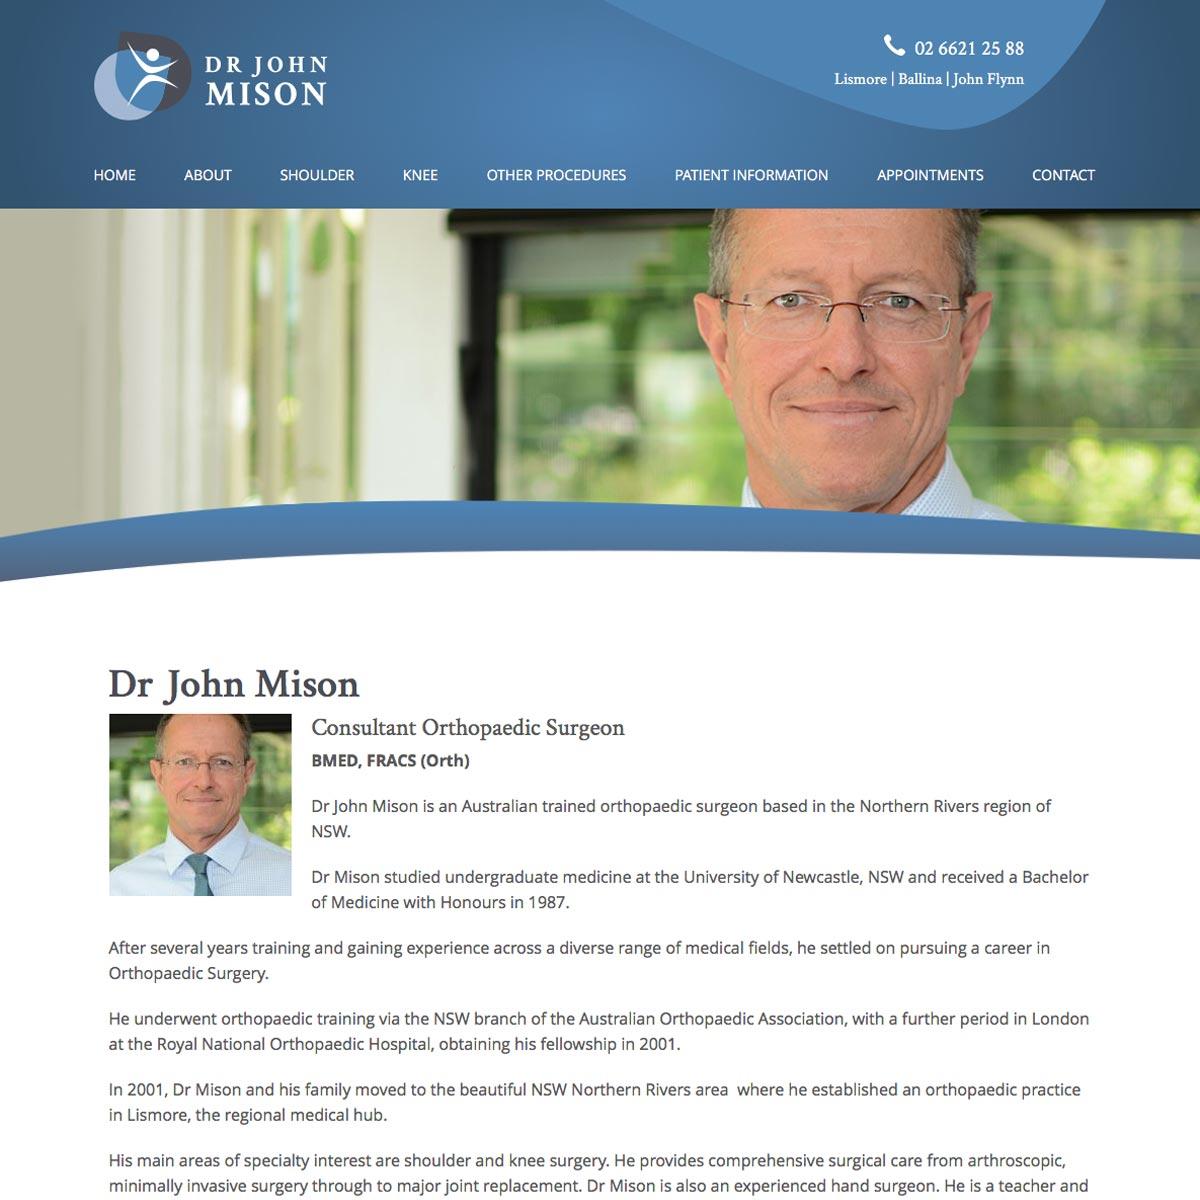 Dr John Mison About